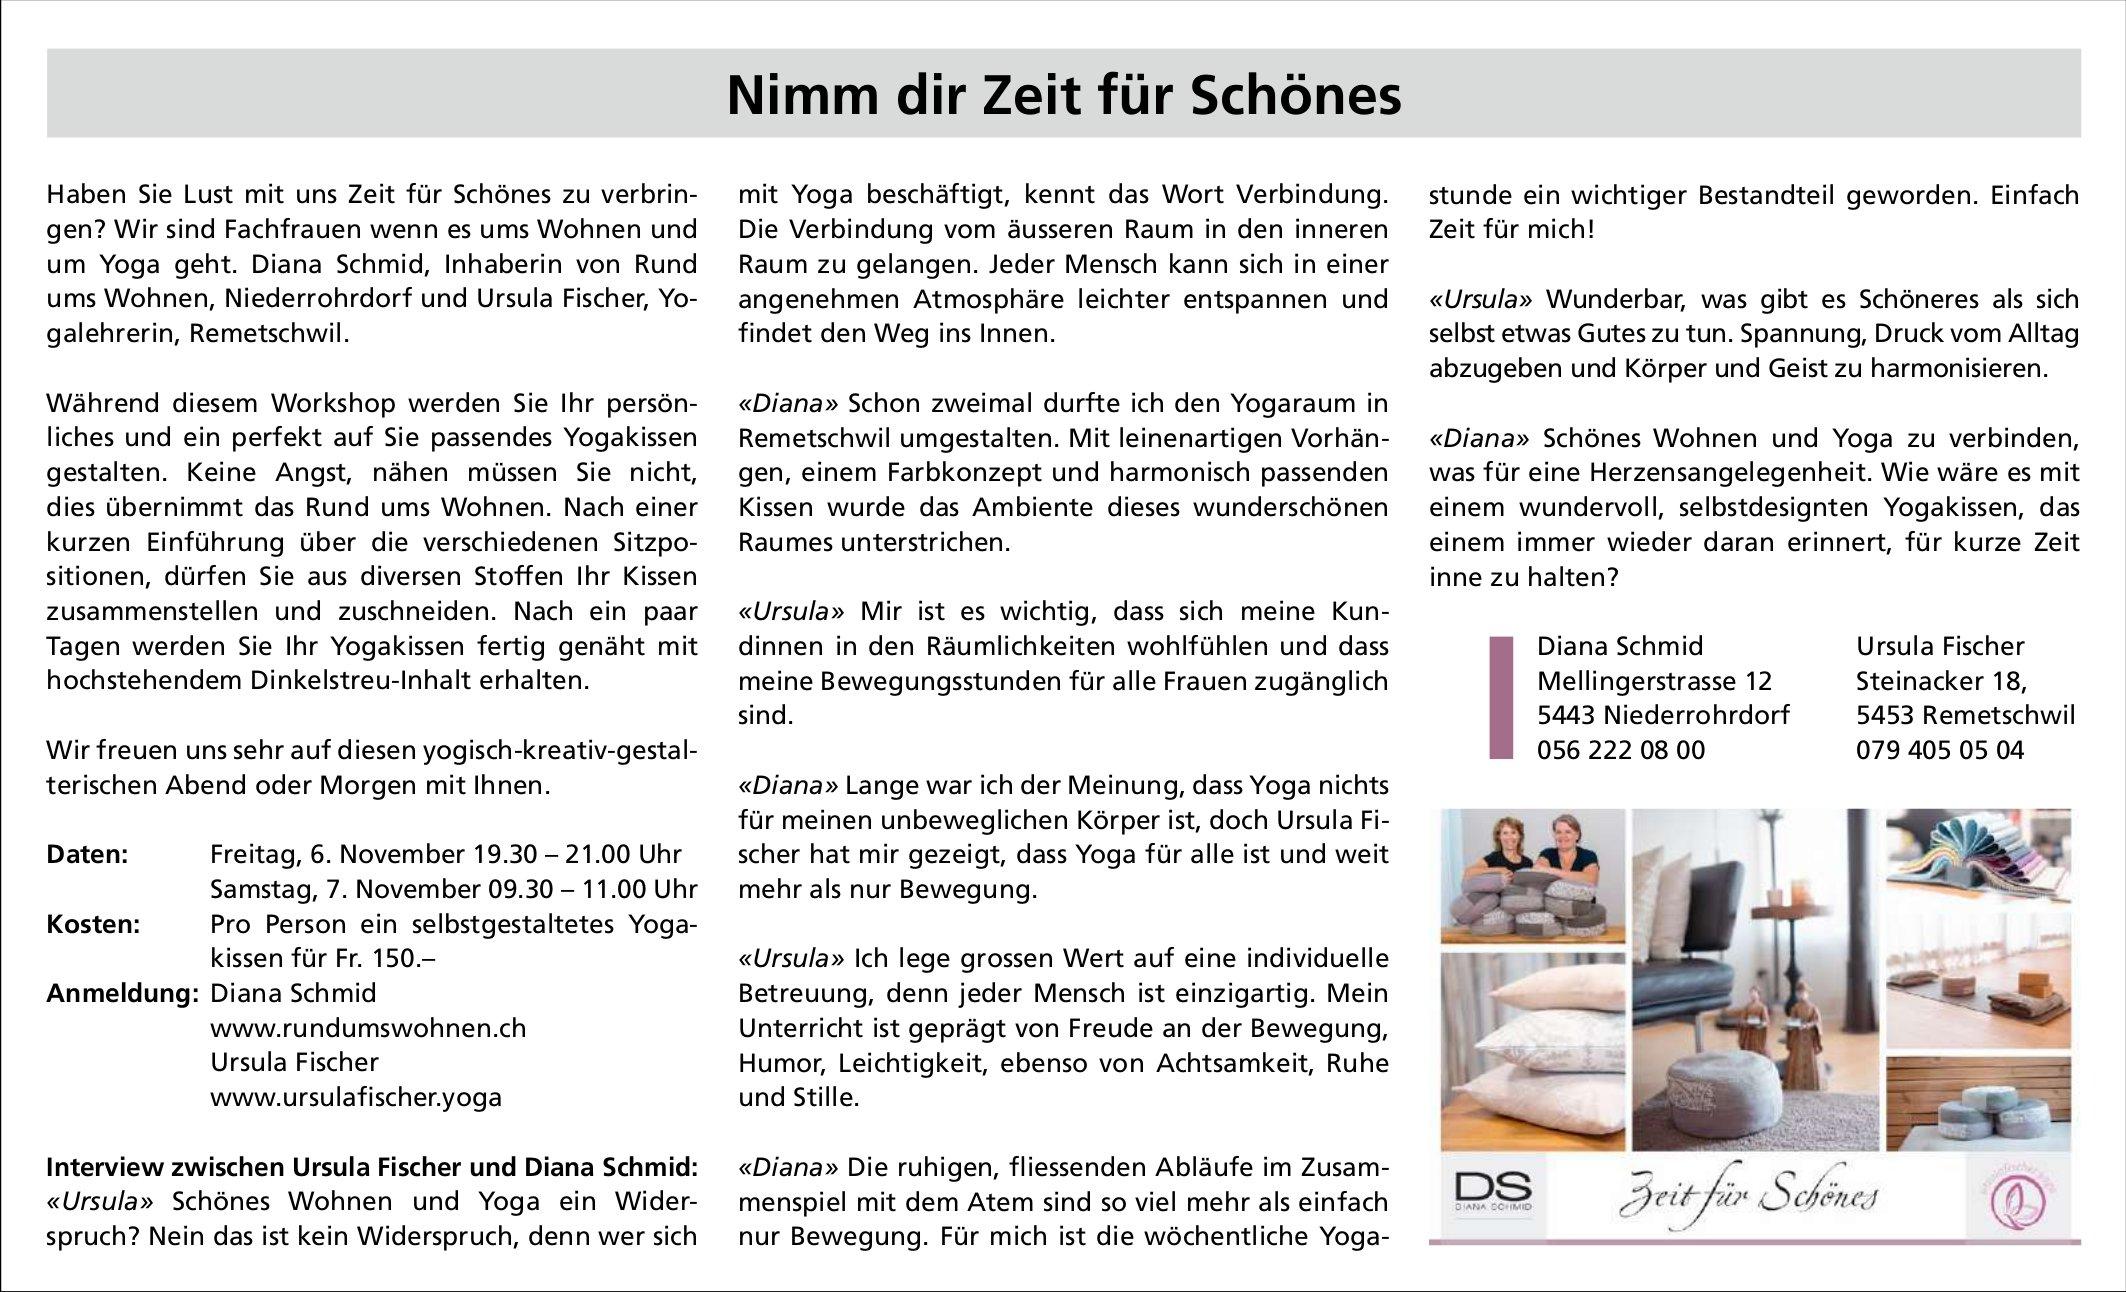 Workshop, 6. und 7. November, Diana Schmid, Niederrohrdorf